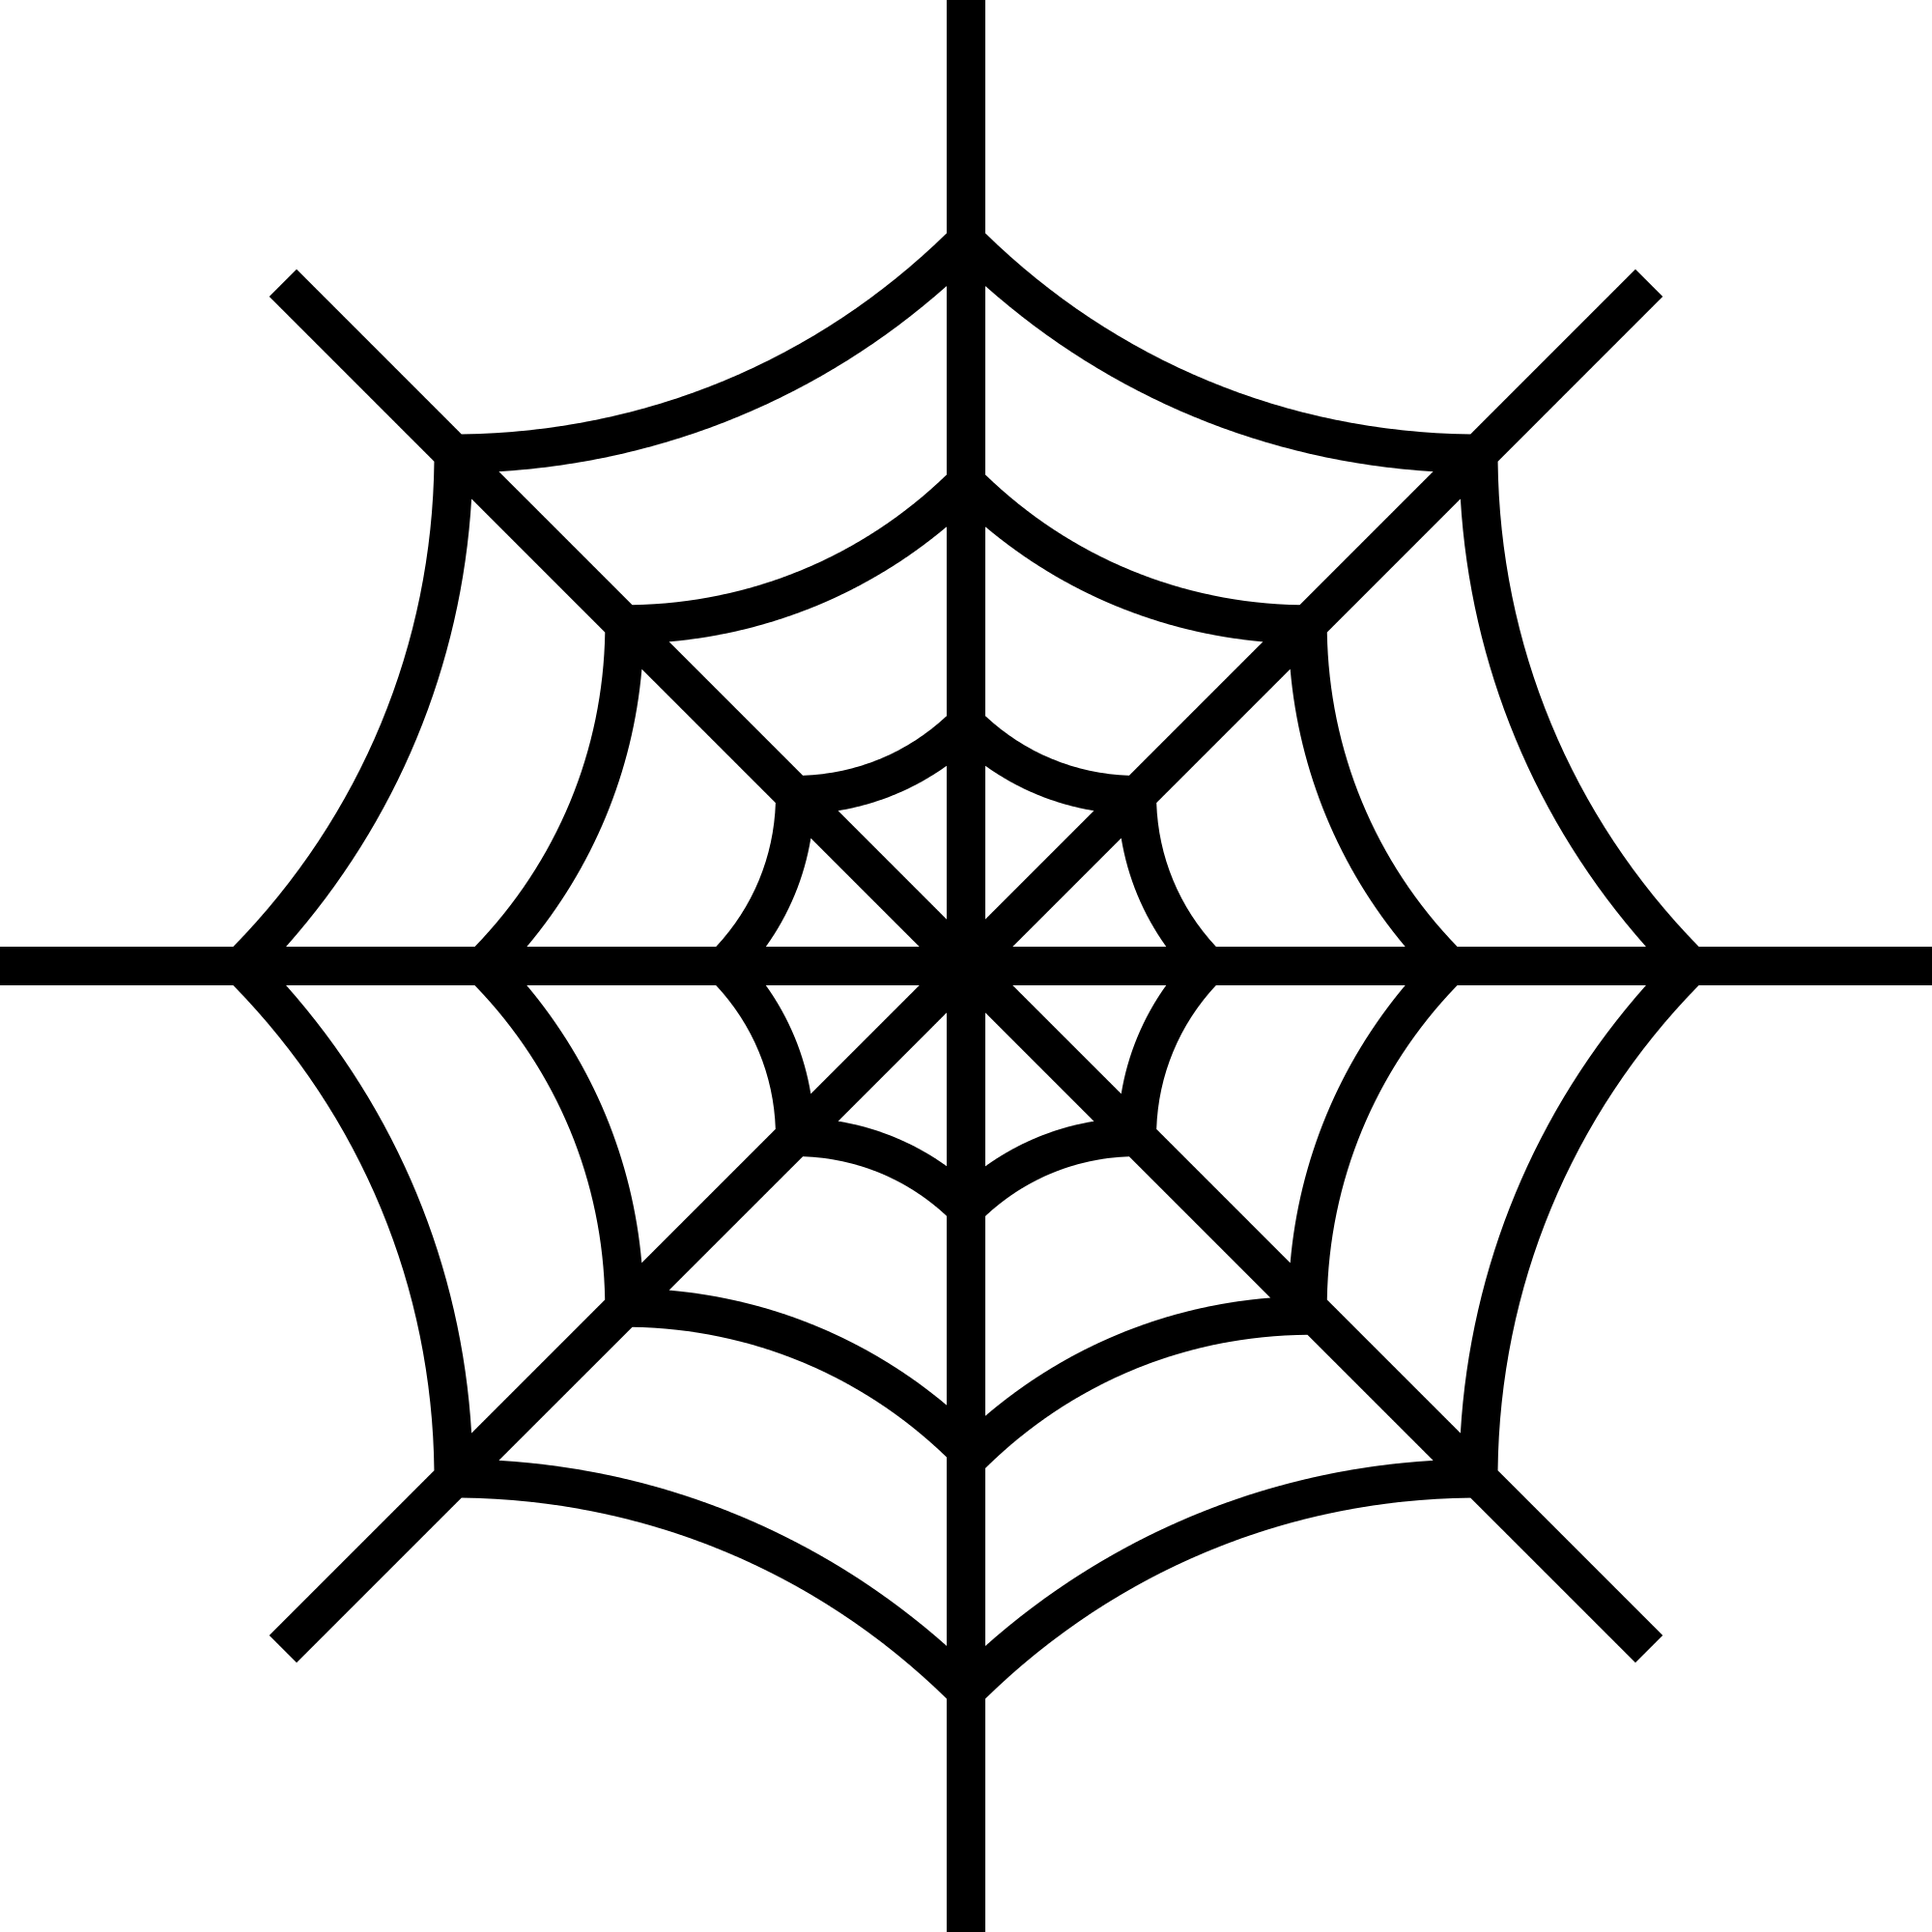 Spiderweb Clipart Black And White Spiderweb Black And